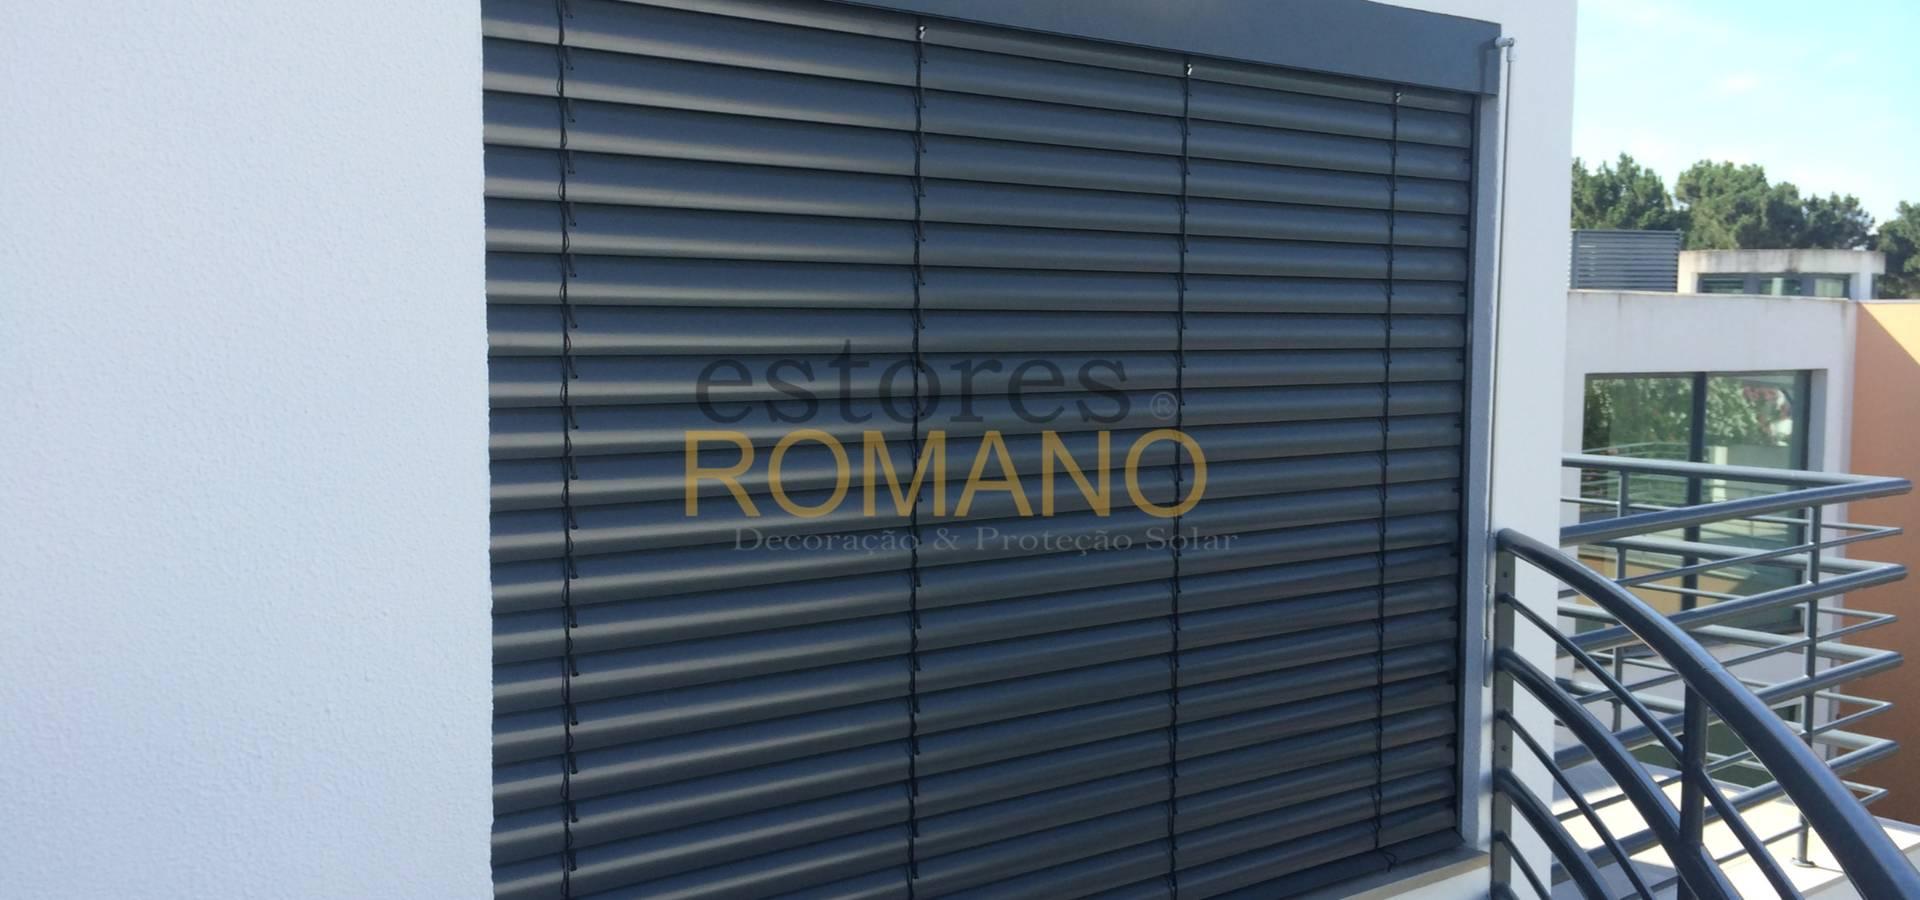 Estores Romano- Decoração & Proteção Solar